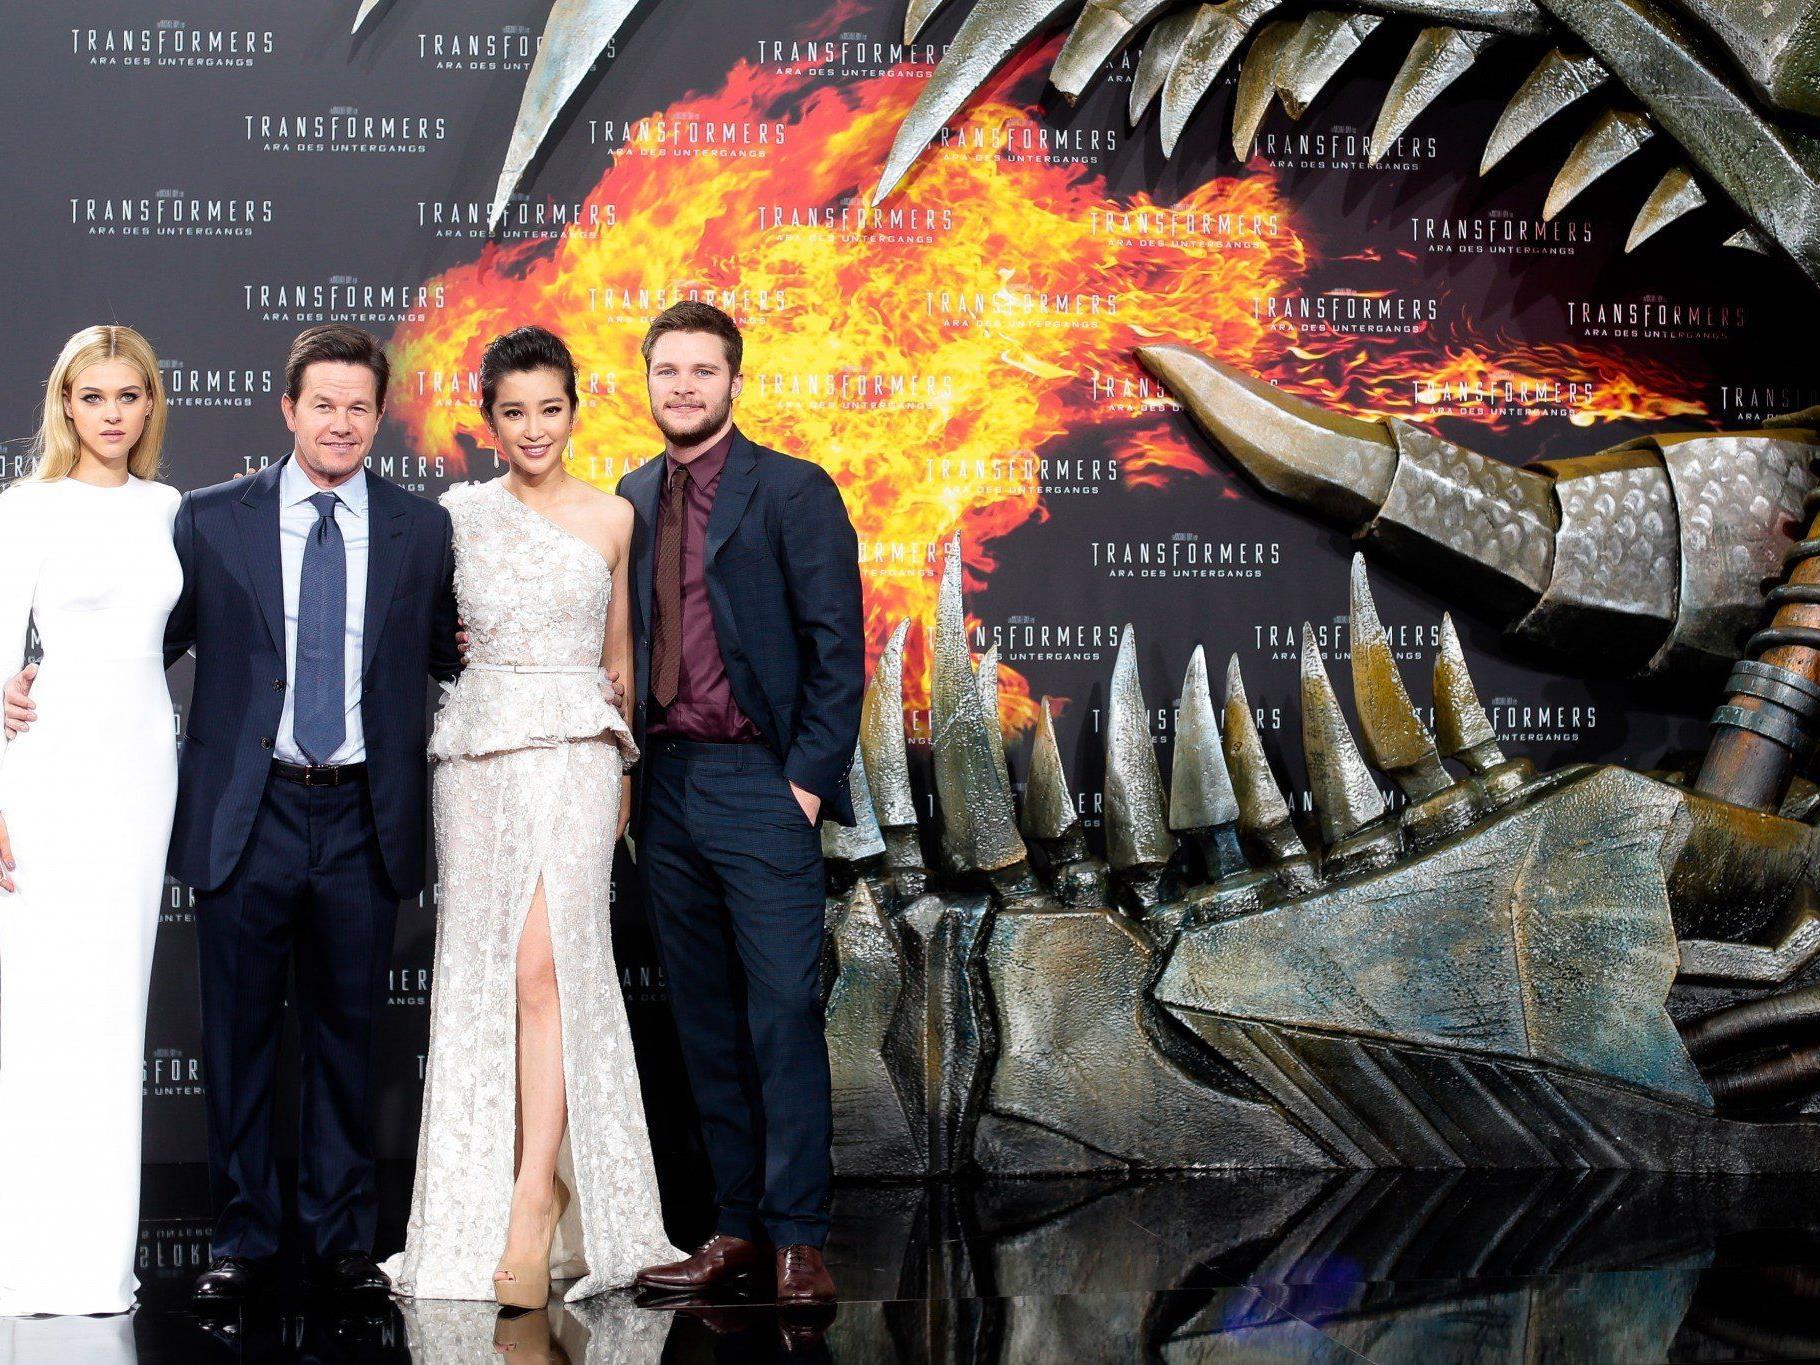 Mark Wahlberg und seine Kollegen bei der Transformers 4-Premiere in Berlin.